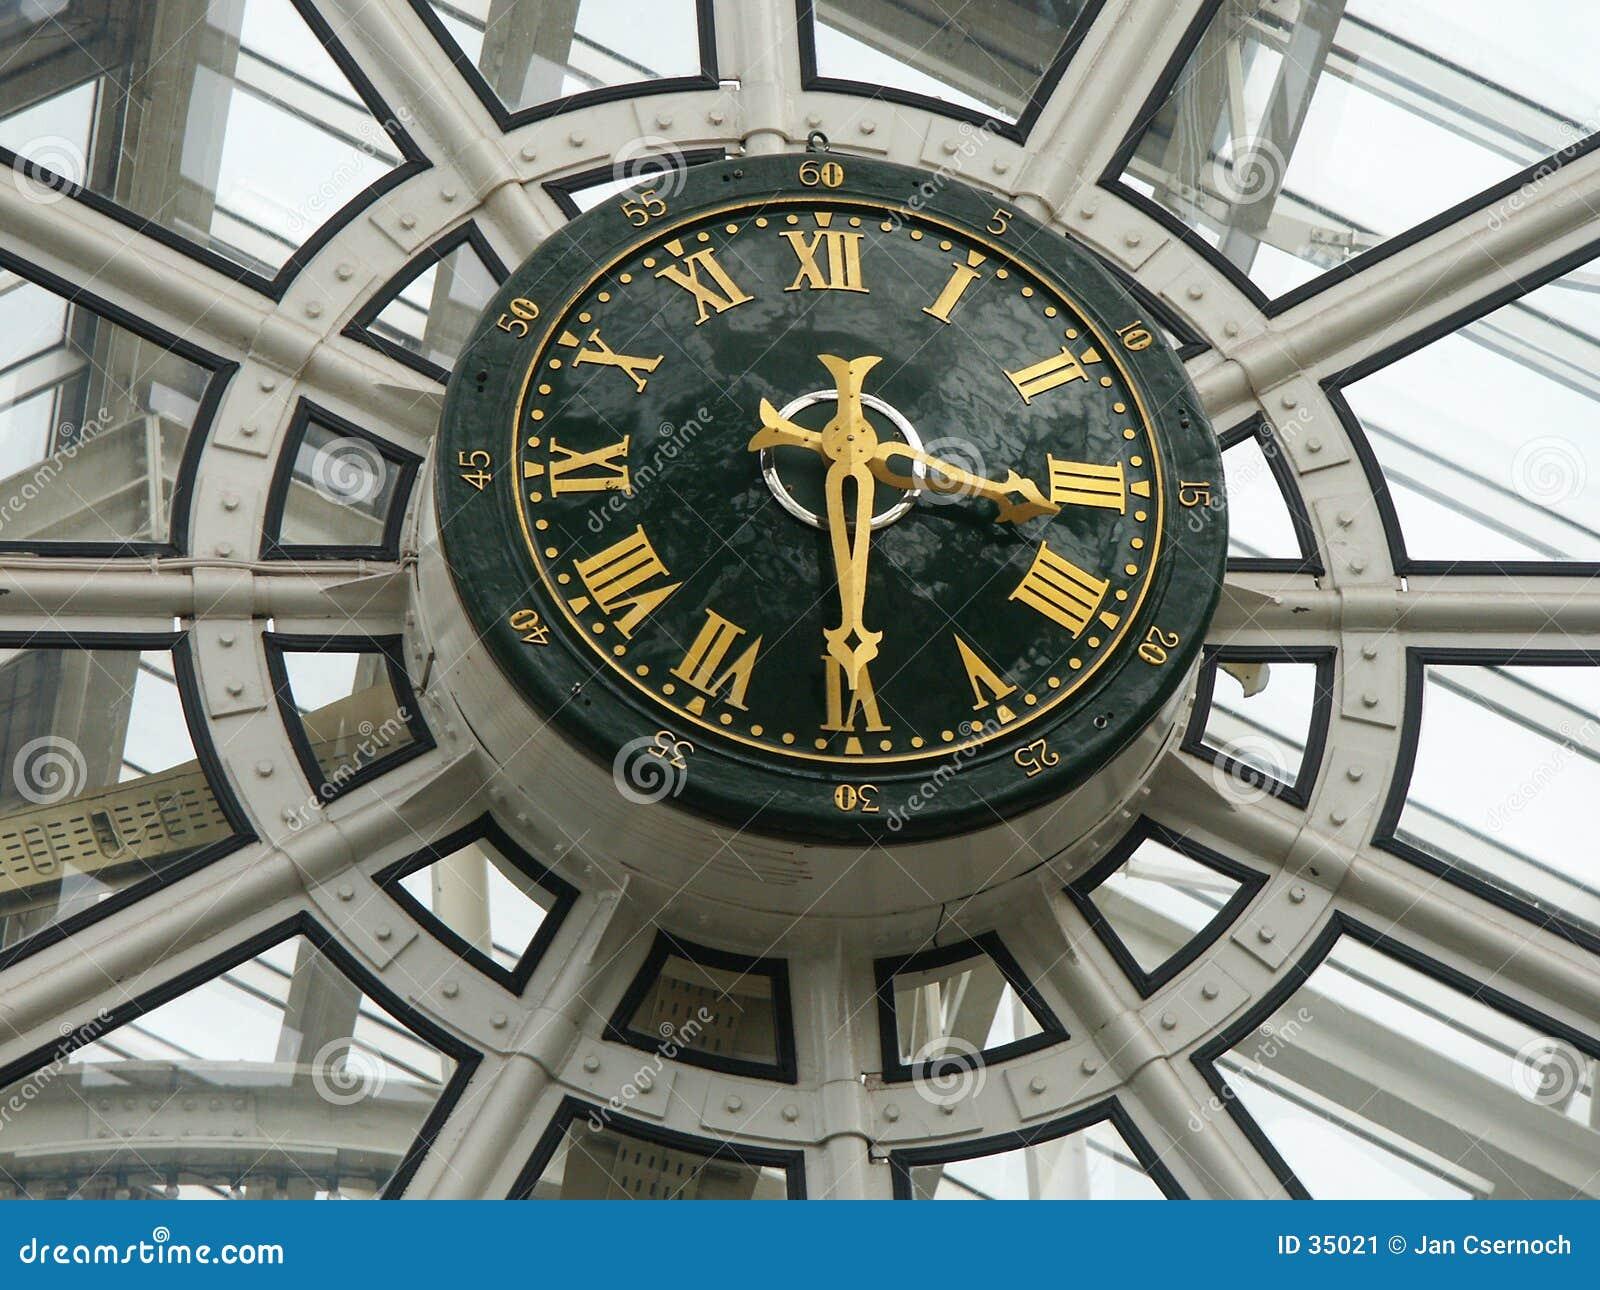 Download Reloj De Una Alameda De Compras Imagen de archivo - Imagen de dedos, ventanas: 35021